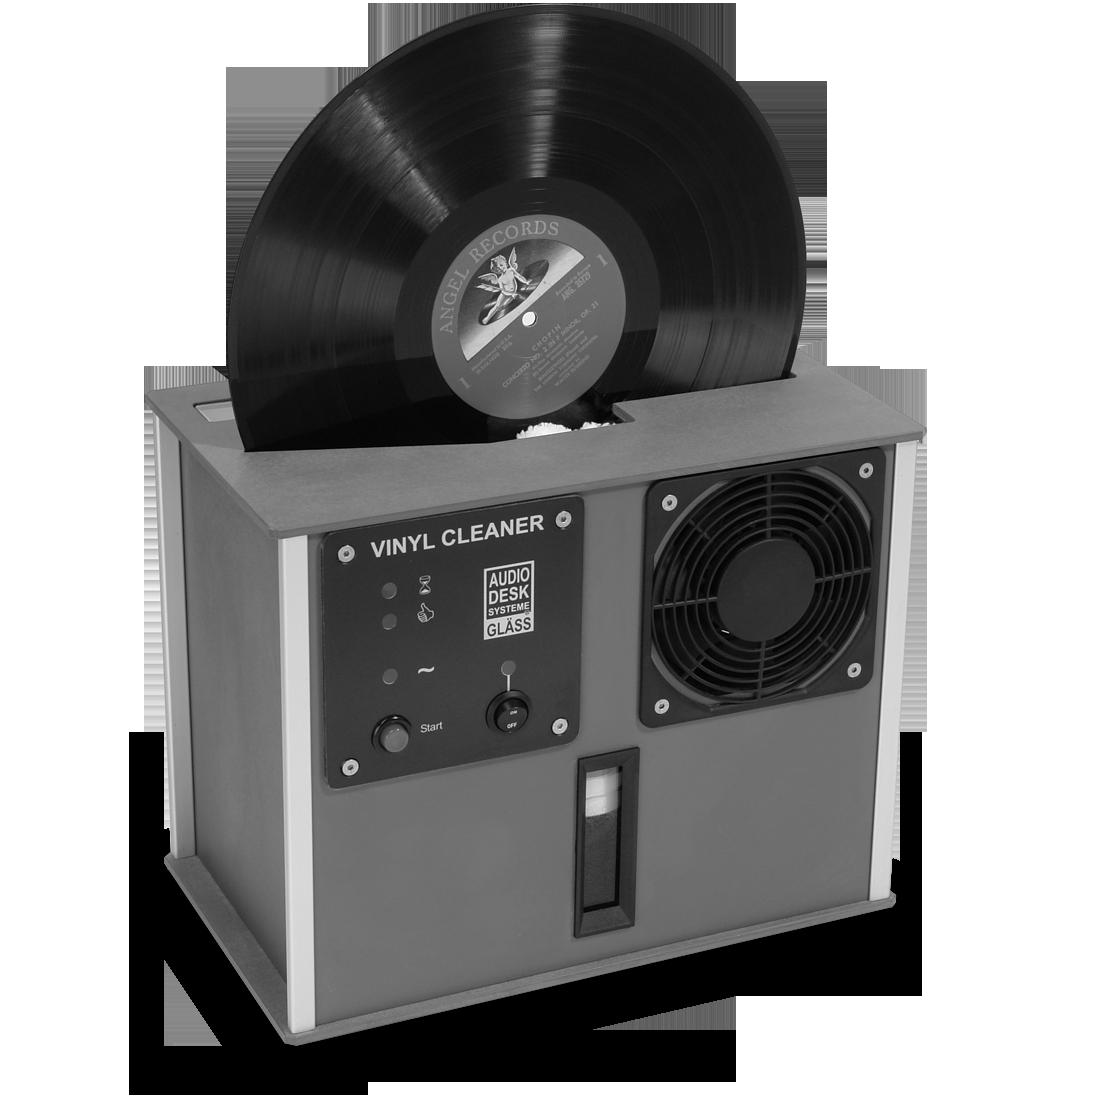 Znalezione obrazy dla zapytania audio desk cleaner pro